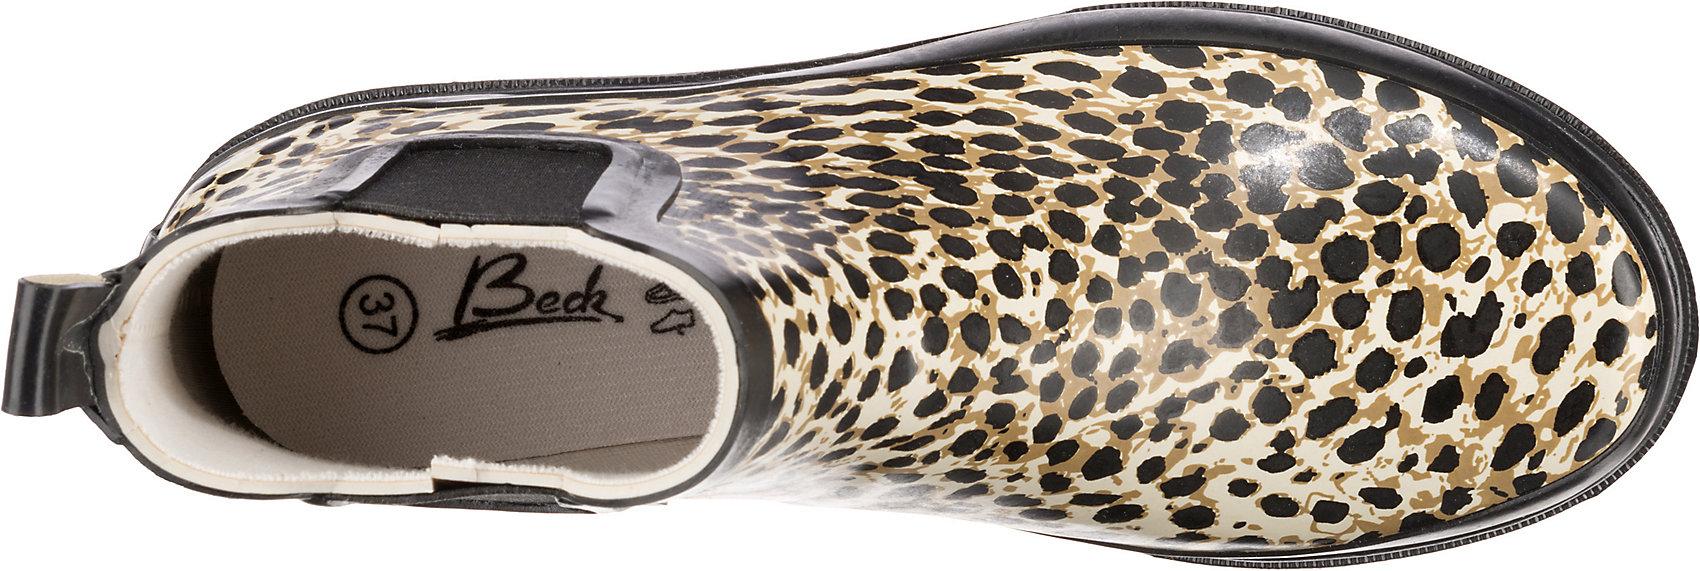 Neu Beck Wildlife Gummistiefel 13845765 für Damen schwarz-kombi